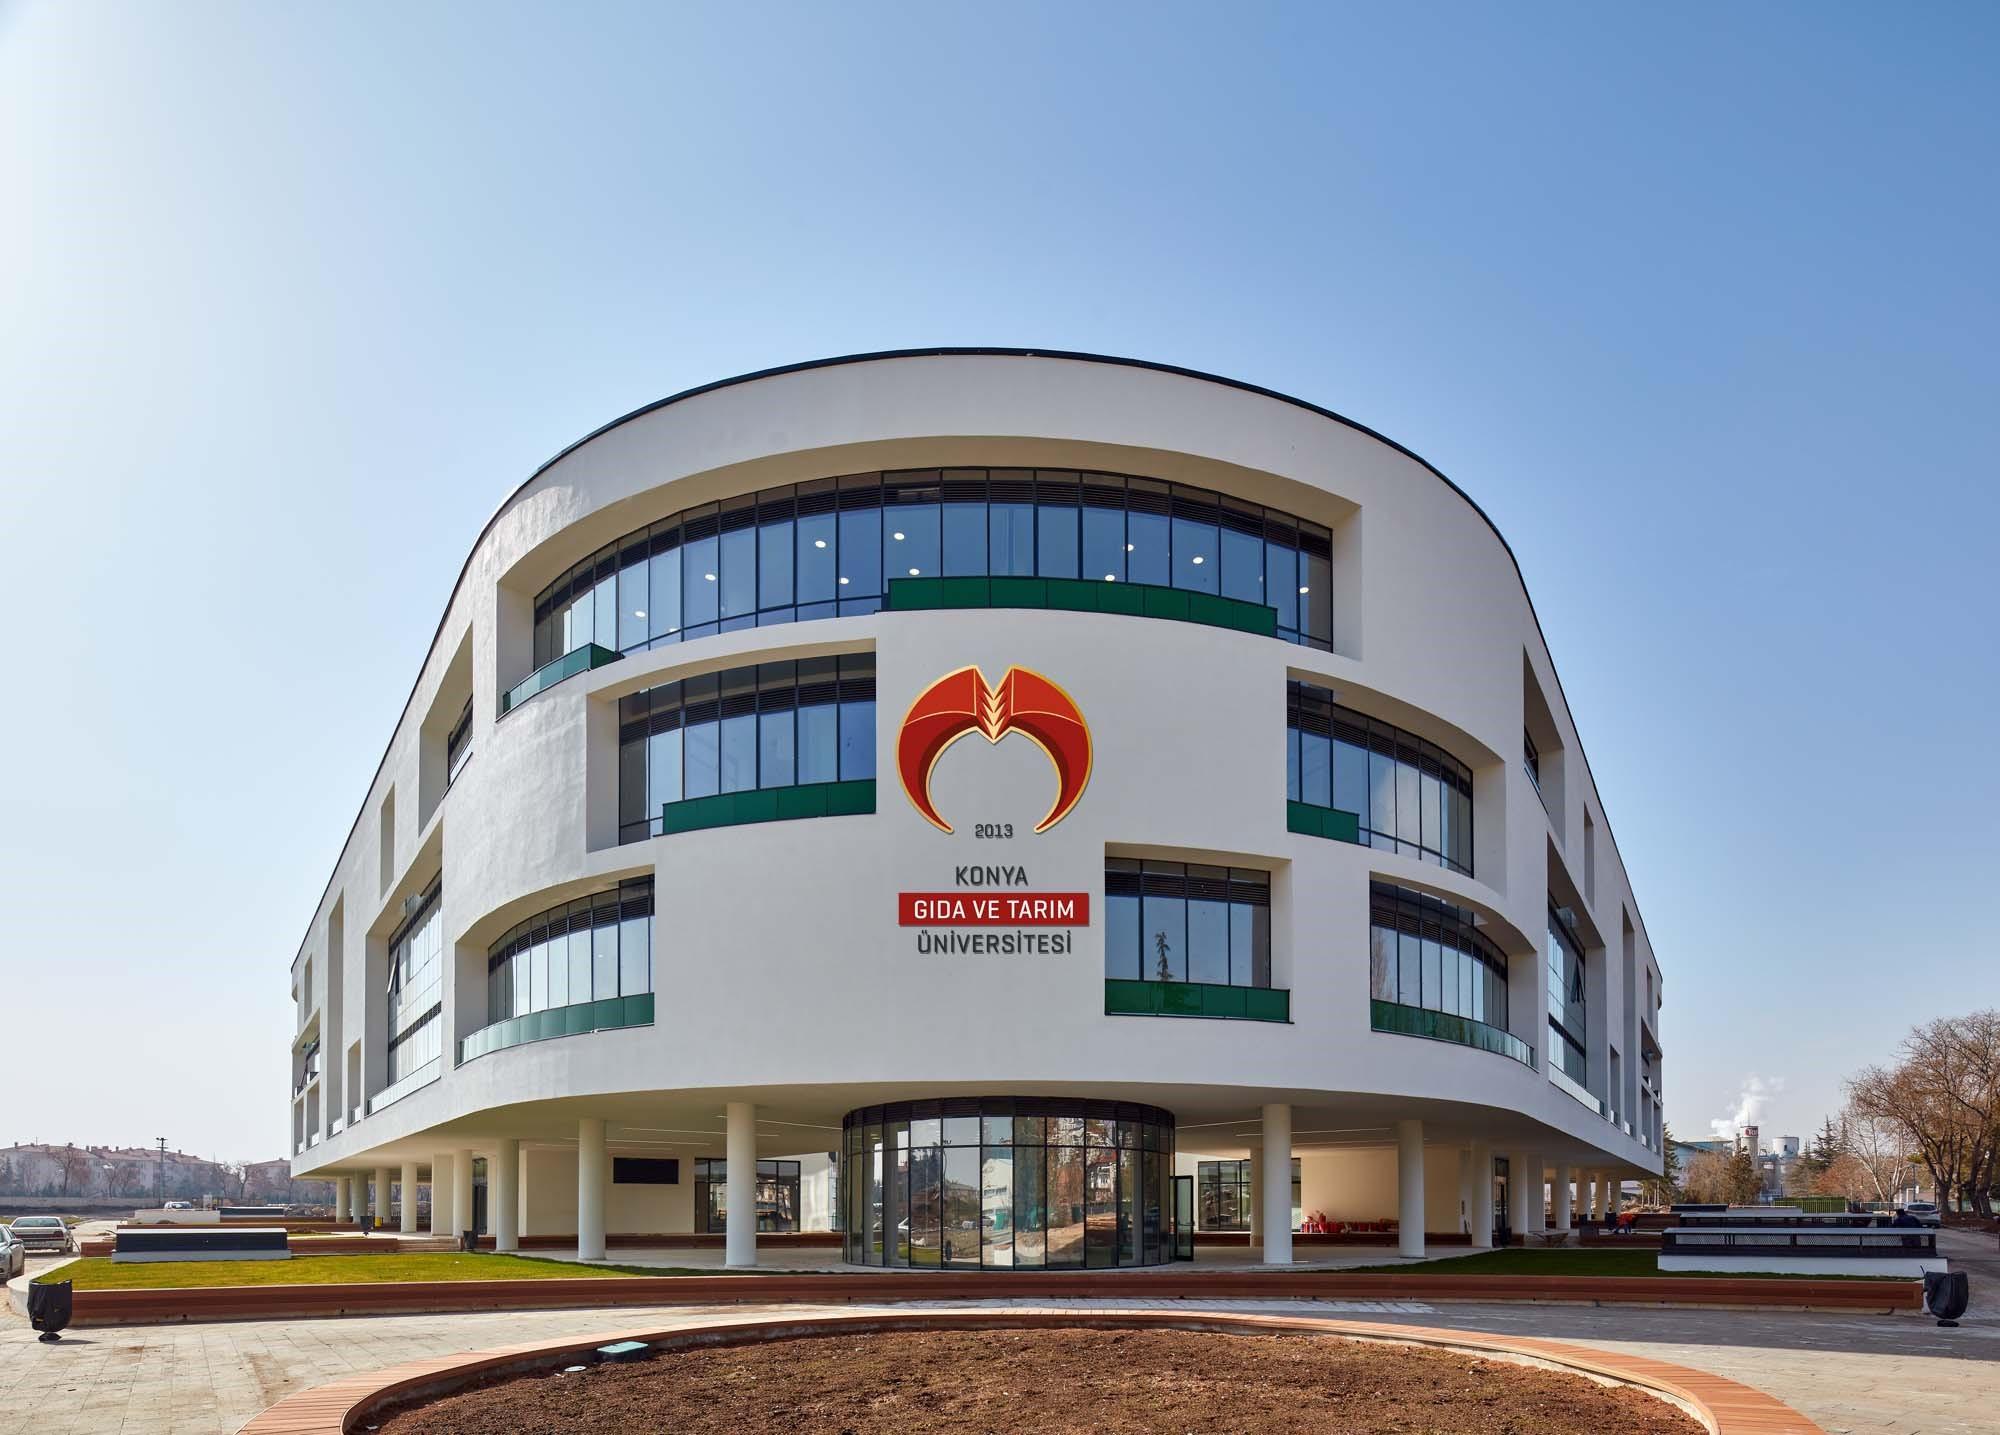 Konya Gıda ve Tarım Üniversitesi 2021'e Hızlı Girdi, 5 Projesi Tübitak'tan Onay Aldı